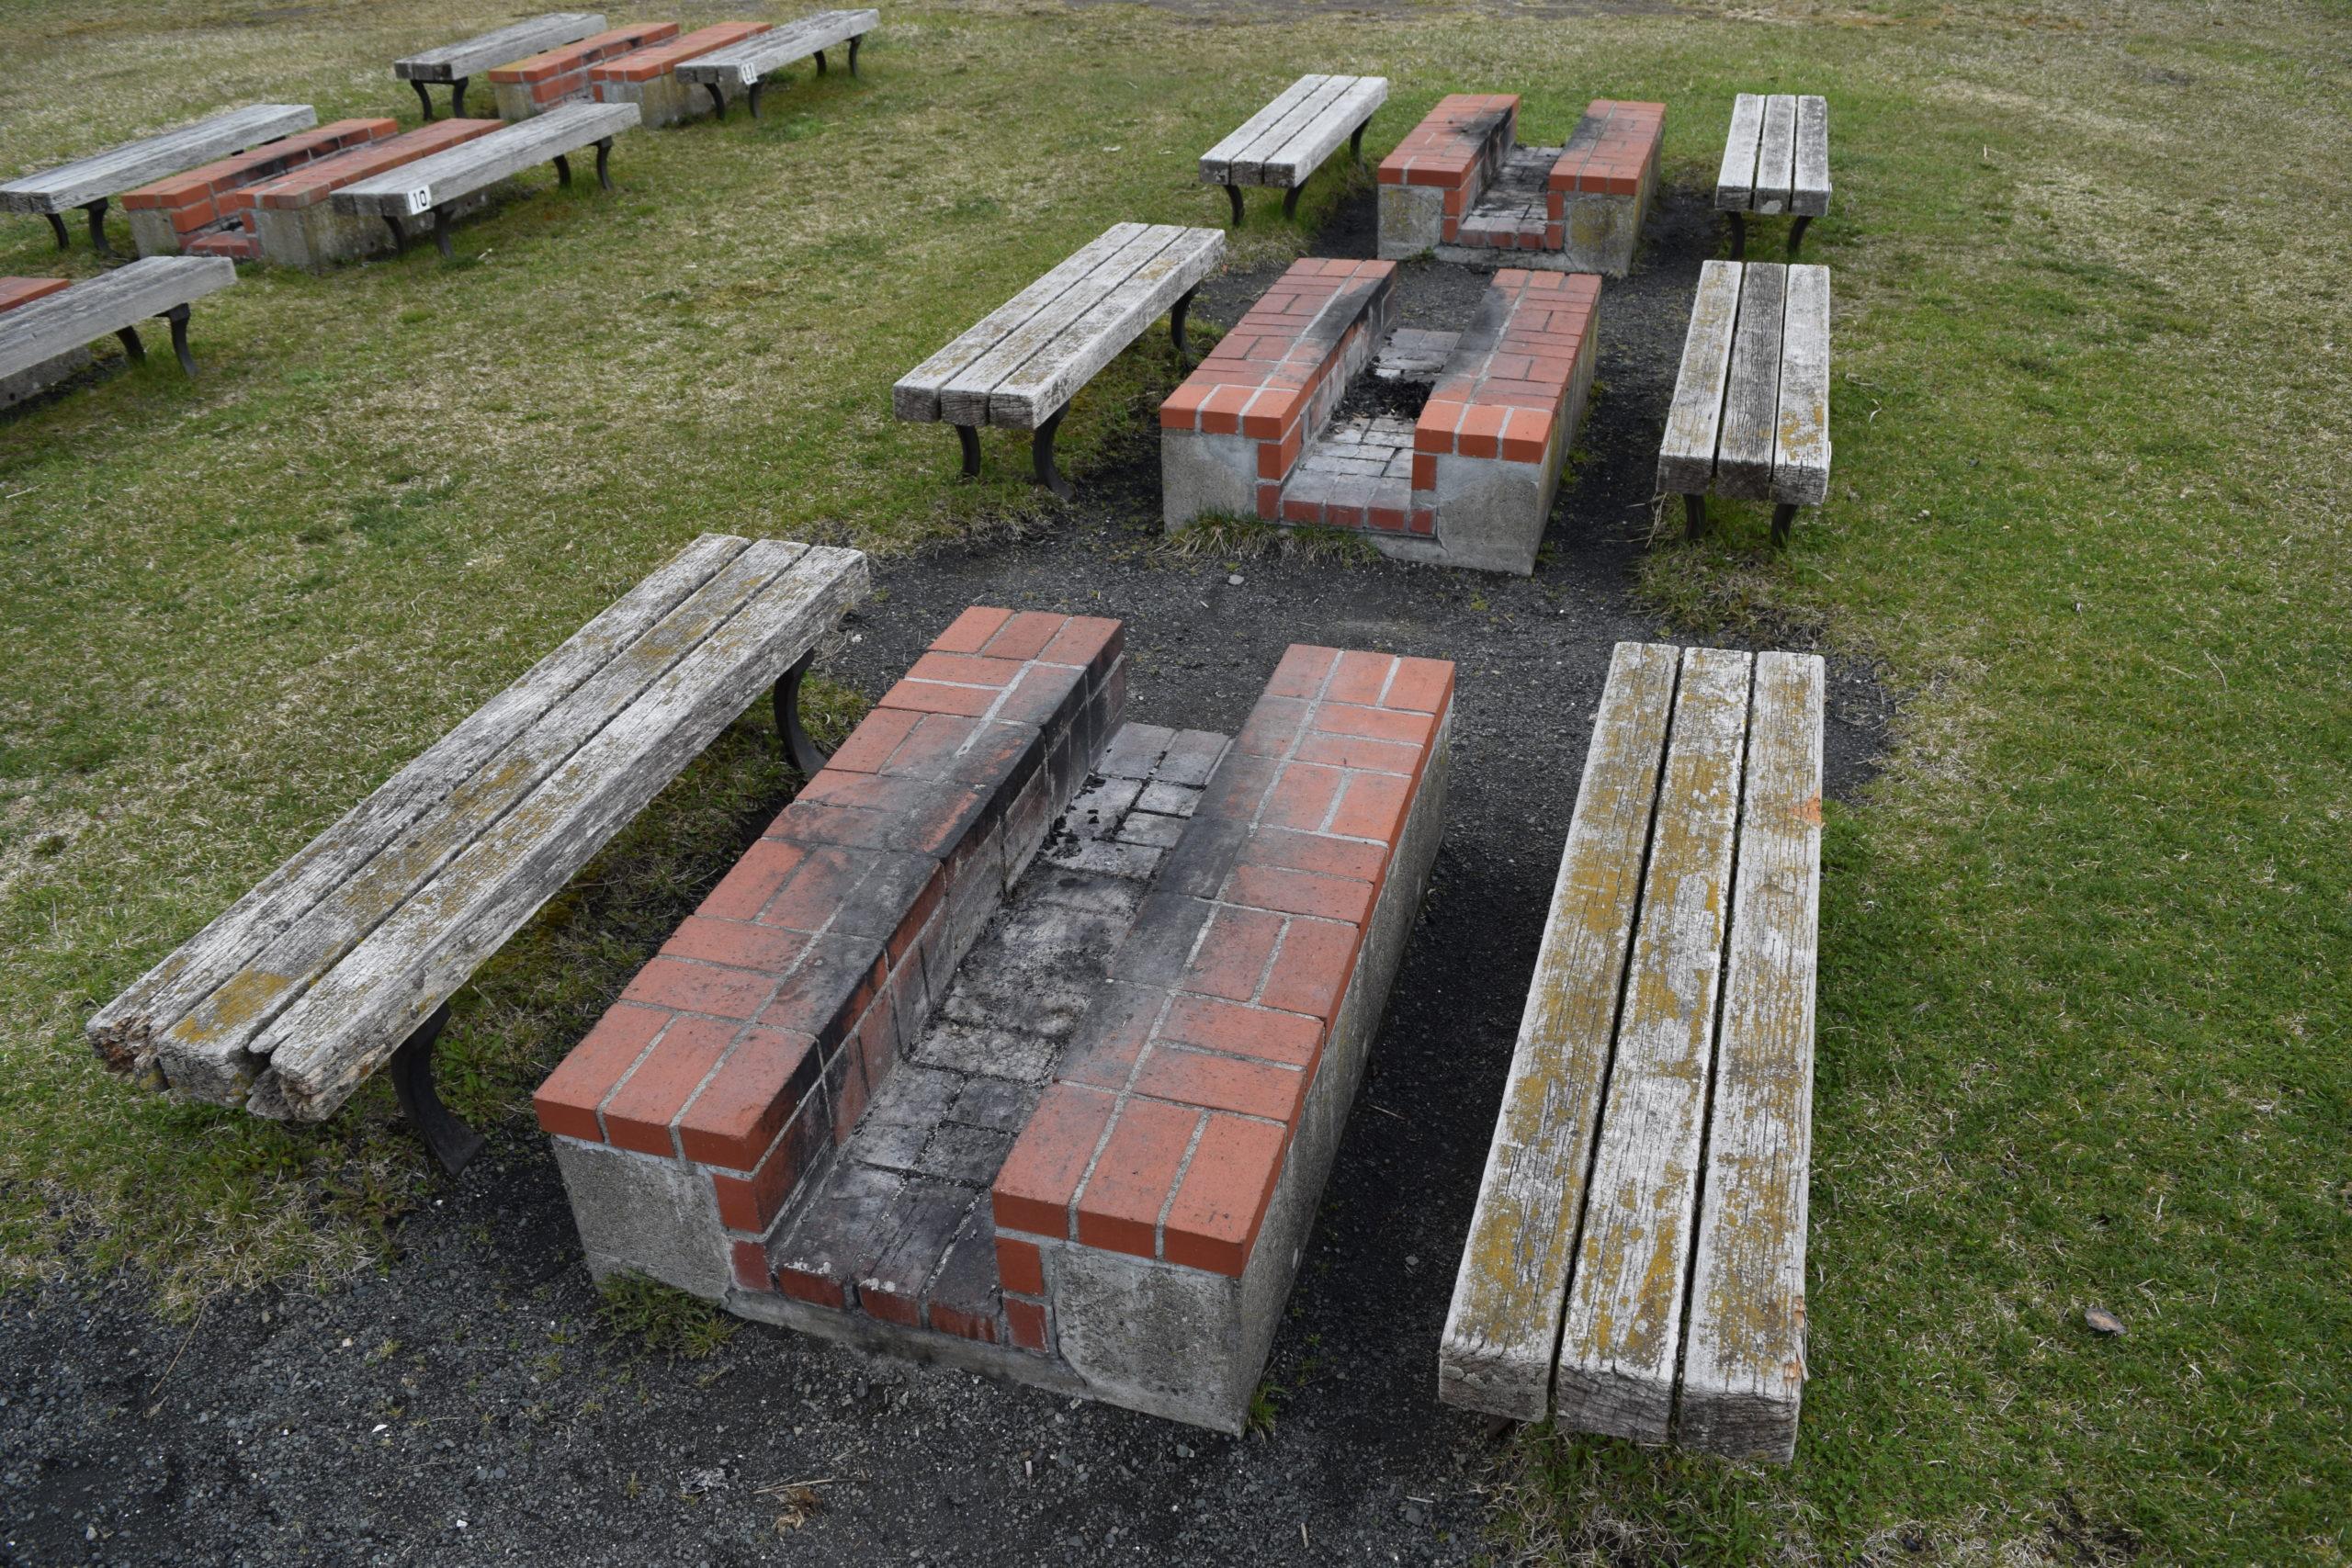 釧路市内でバーベキューができる炊事広場のある公園・緑地の一覧